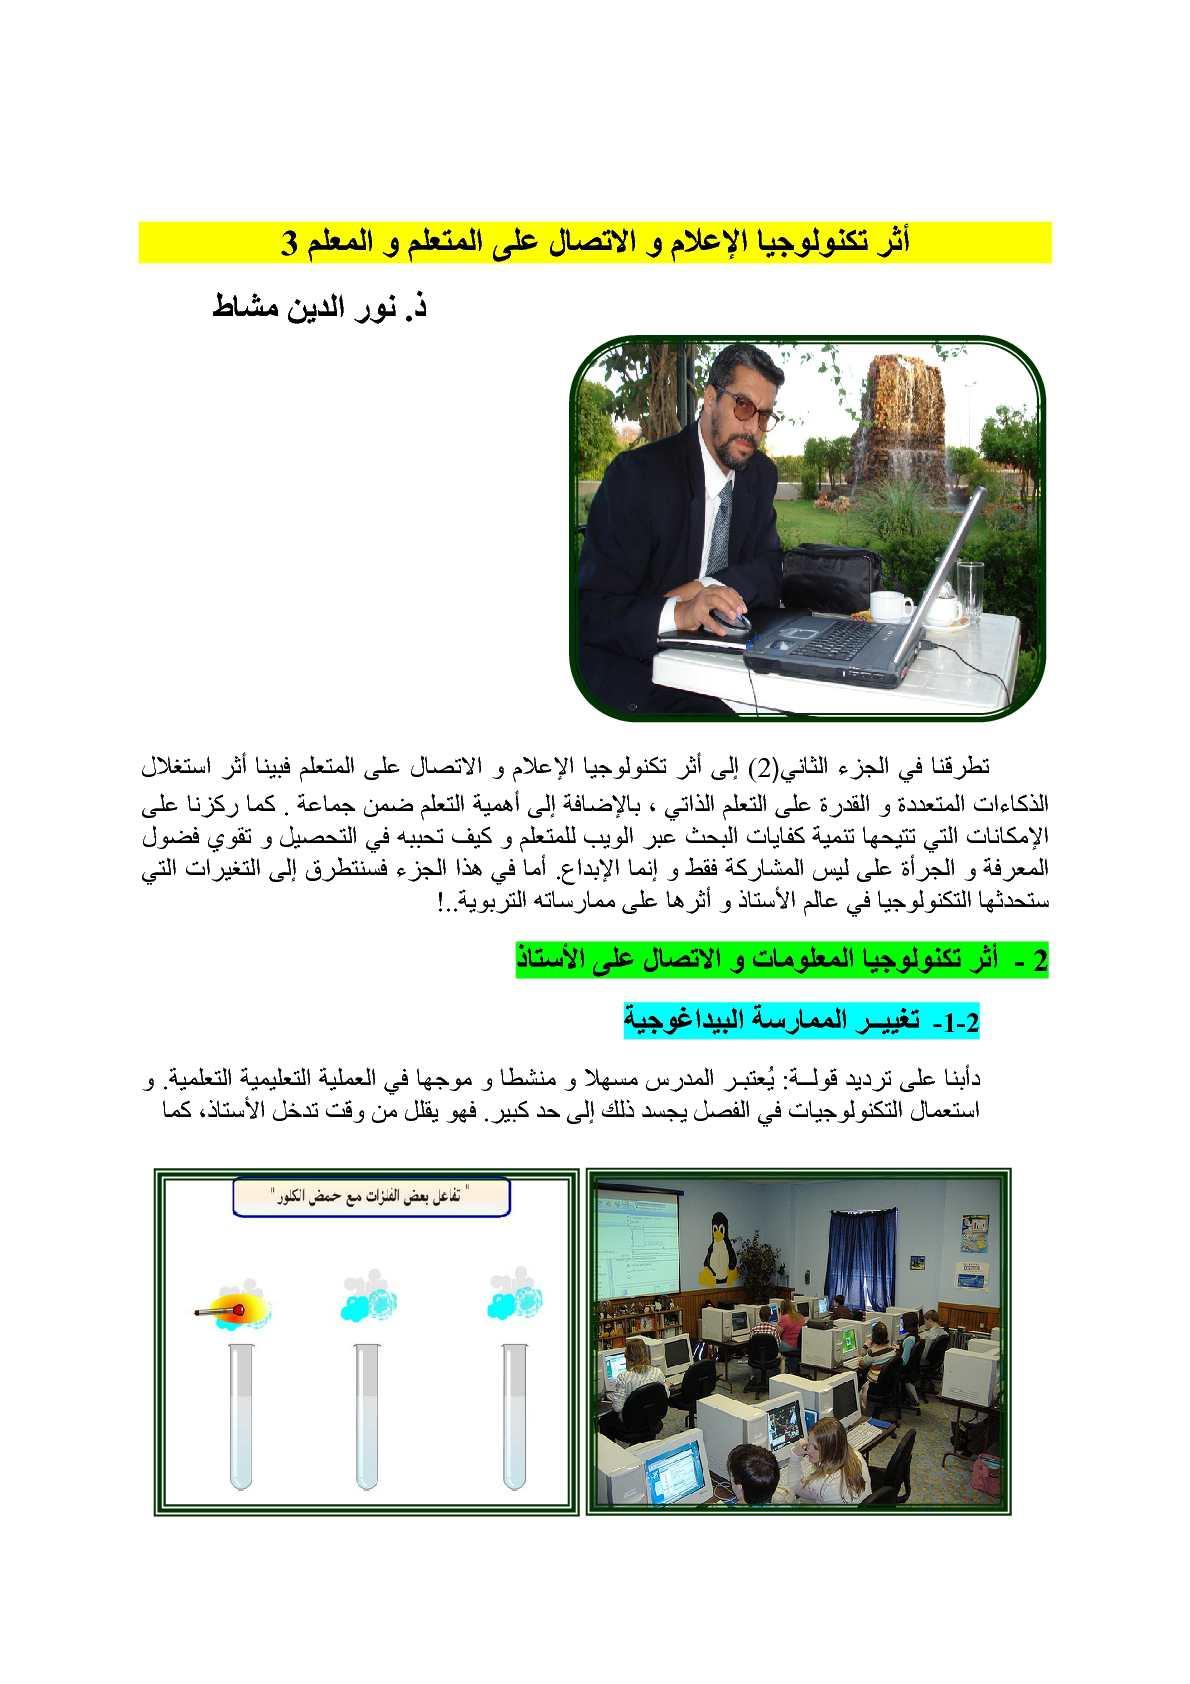 أثر تكنولوجيا المعلومات والاتصالات على الأستاذ والمتعلم 3